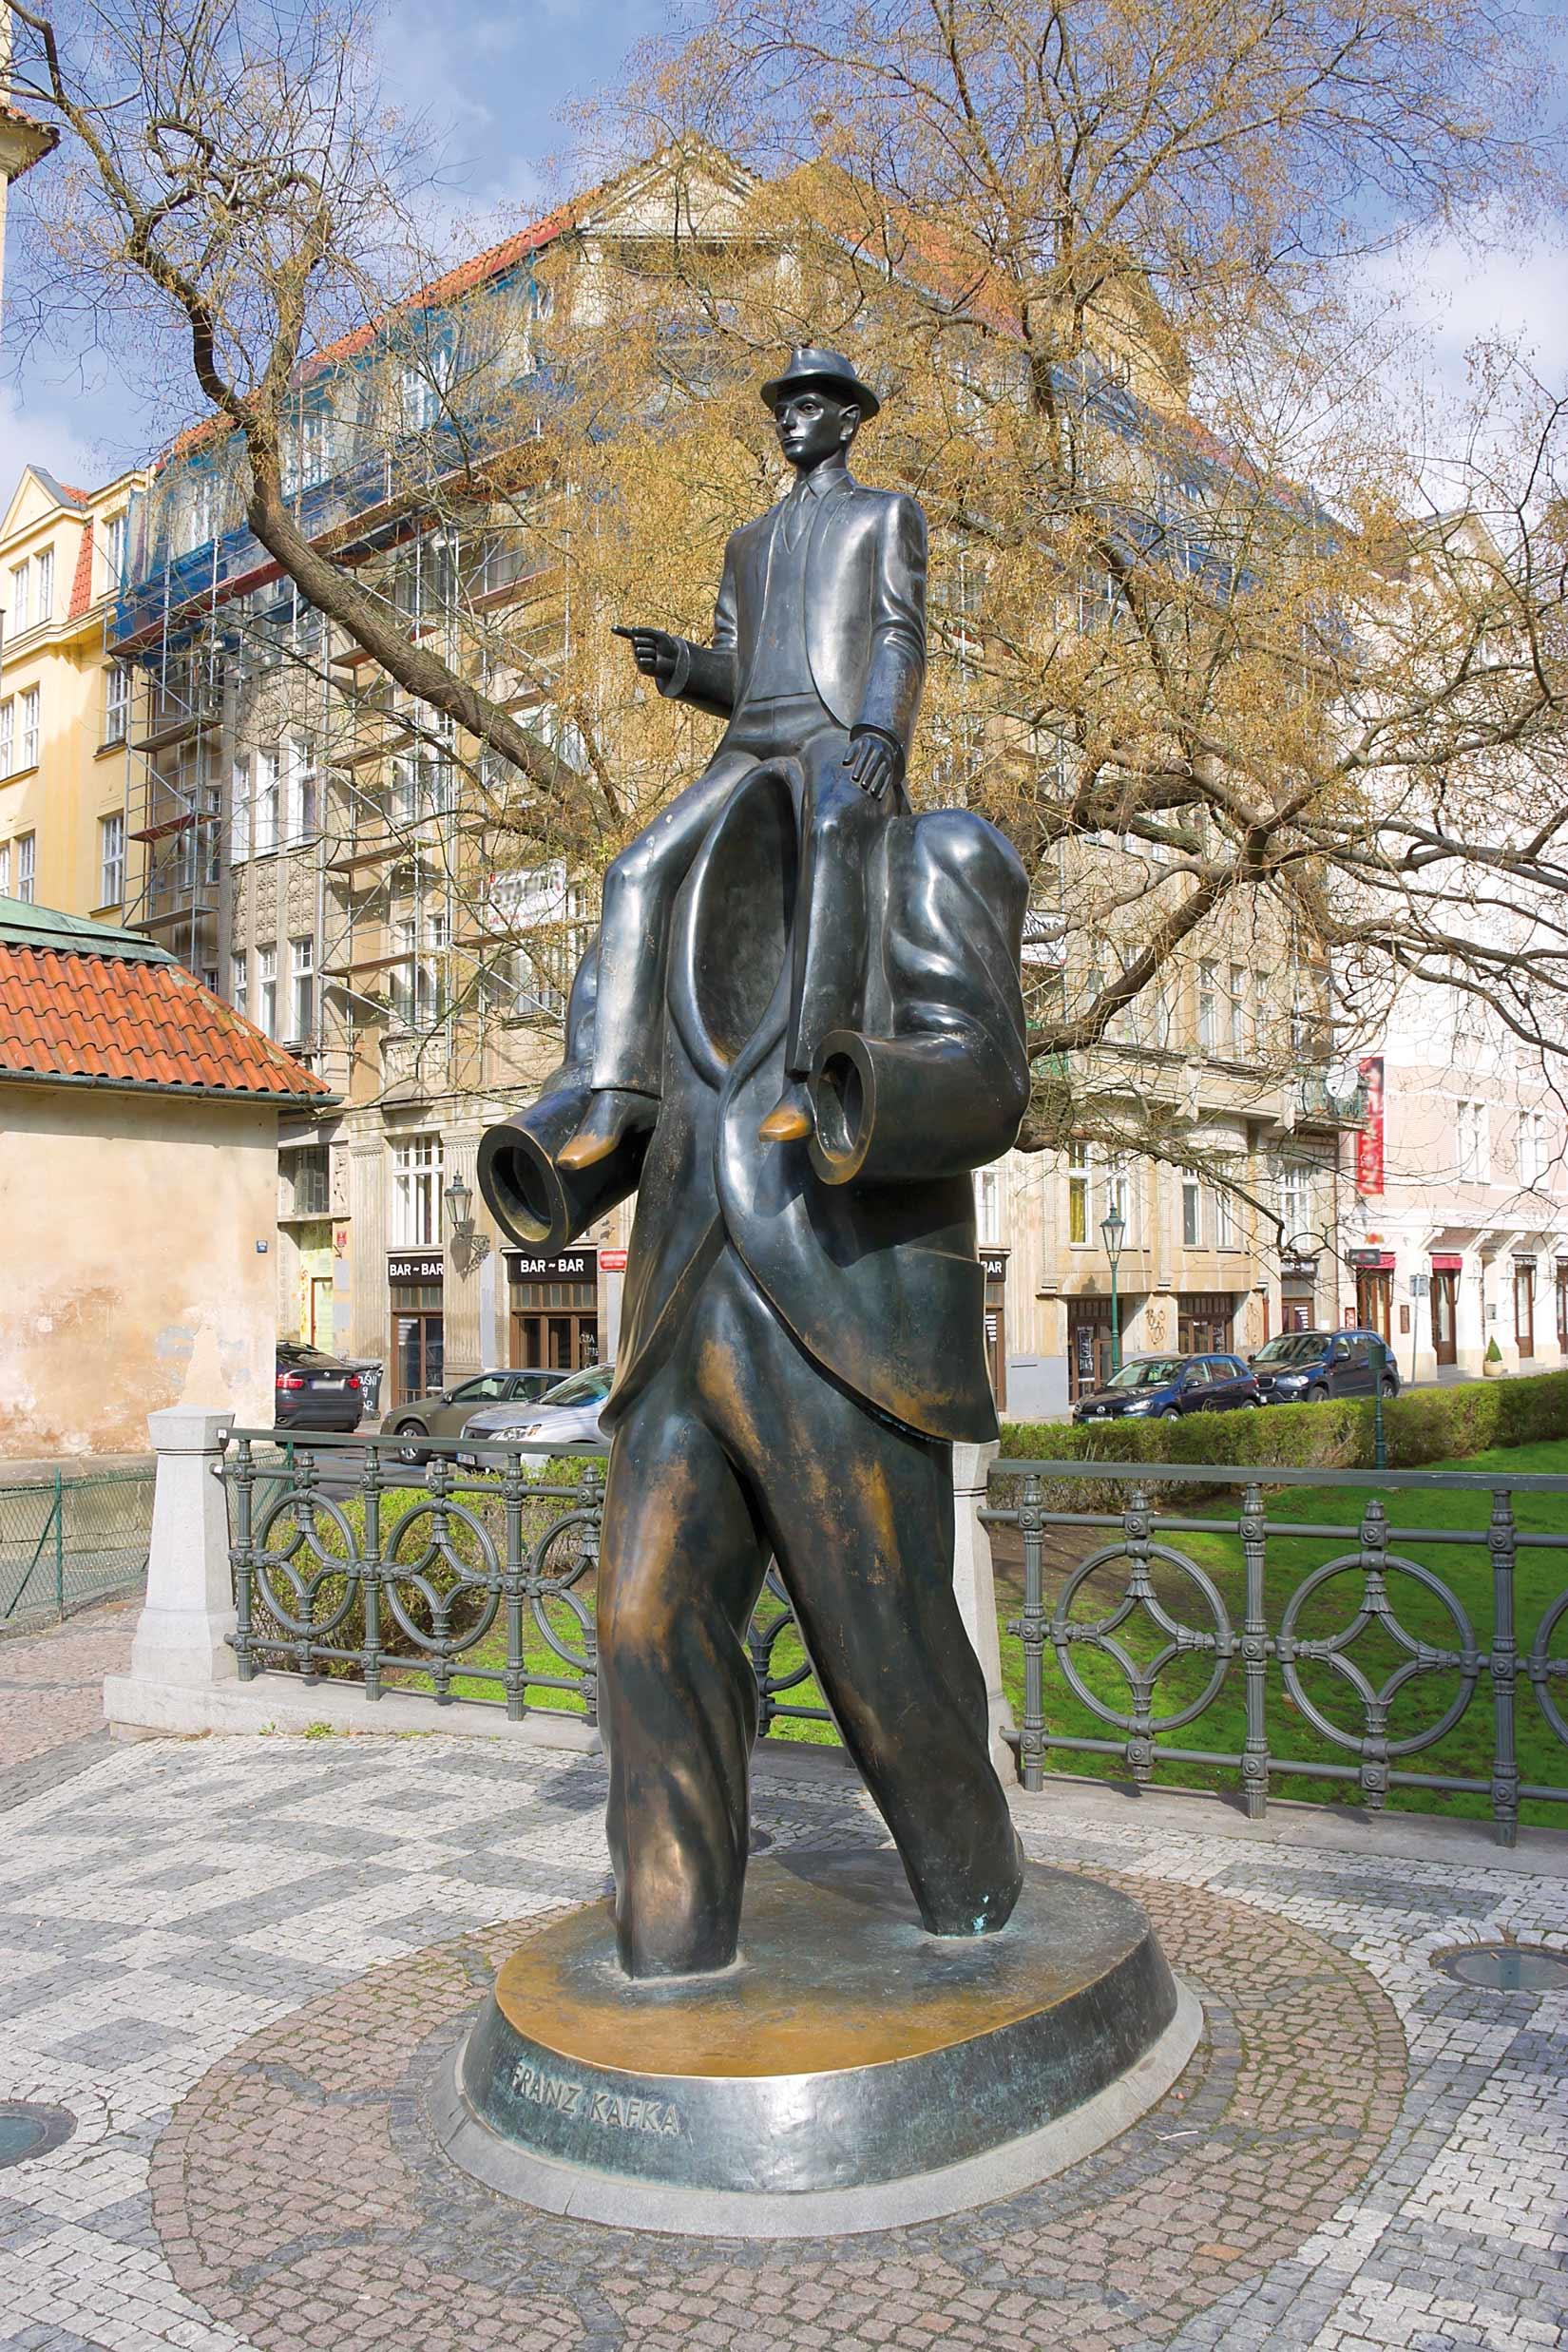 פרנץ קפקא משמש כיום סמל של העיר פראג, זכרו מונצח באתרים רבים ומדריכי טיולים מציעים סיורים בעקבות 'פראג של קפקא'. אחד המונומנטים החשובים המוקדשים לסופר הוא פסל ברונזה מעשה ידיו של ירוסלב רונה בהשראת הסיפור הקצר 'תיאור של מאבק'. הפסל ממוקם סמוך לבית הכנסת הספרדי, באזור שבו התגורר קפקא רוב חייו